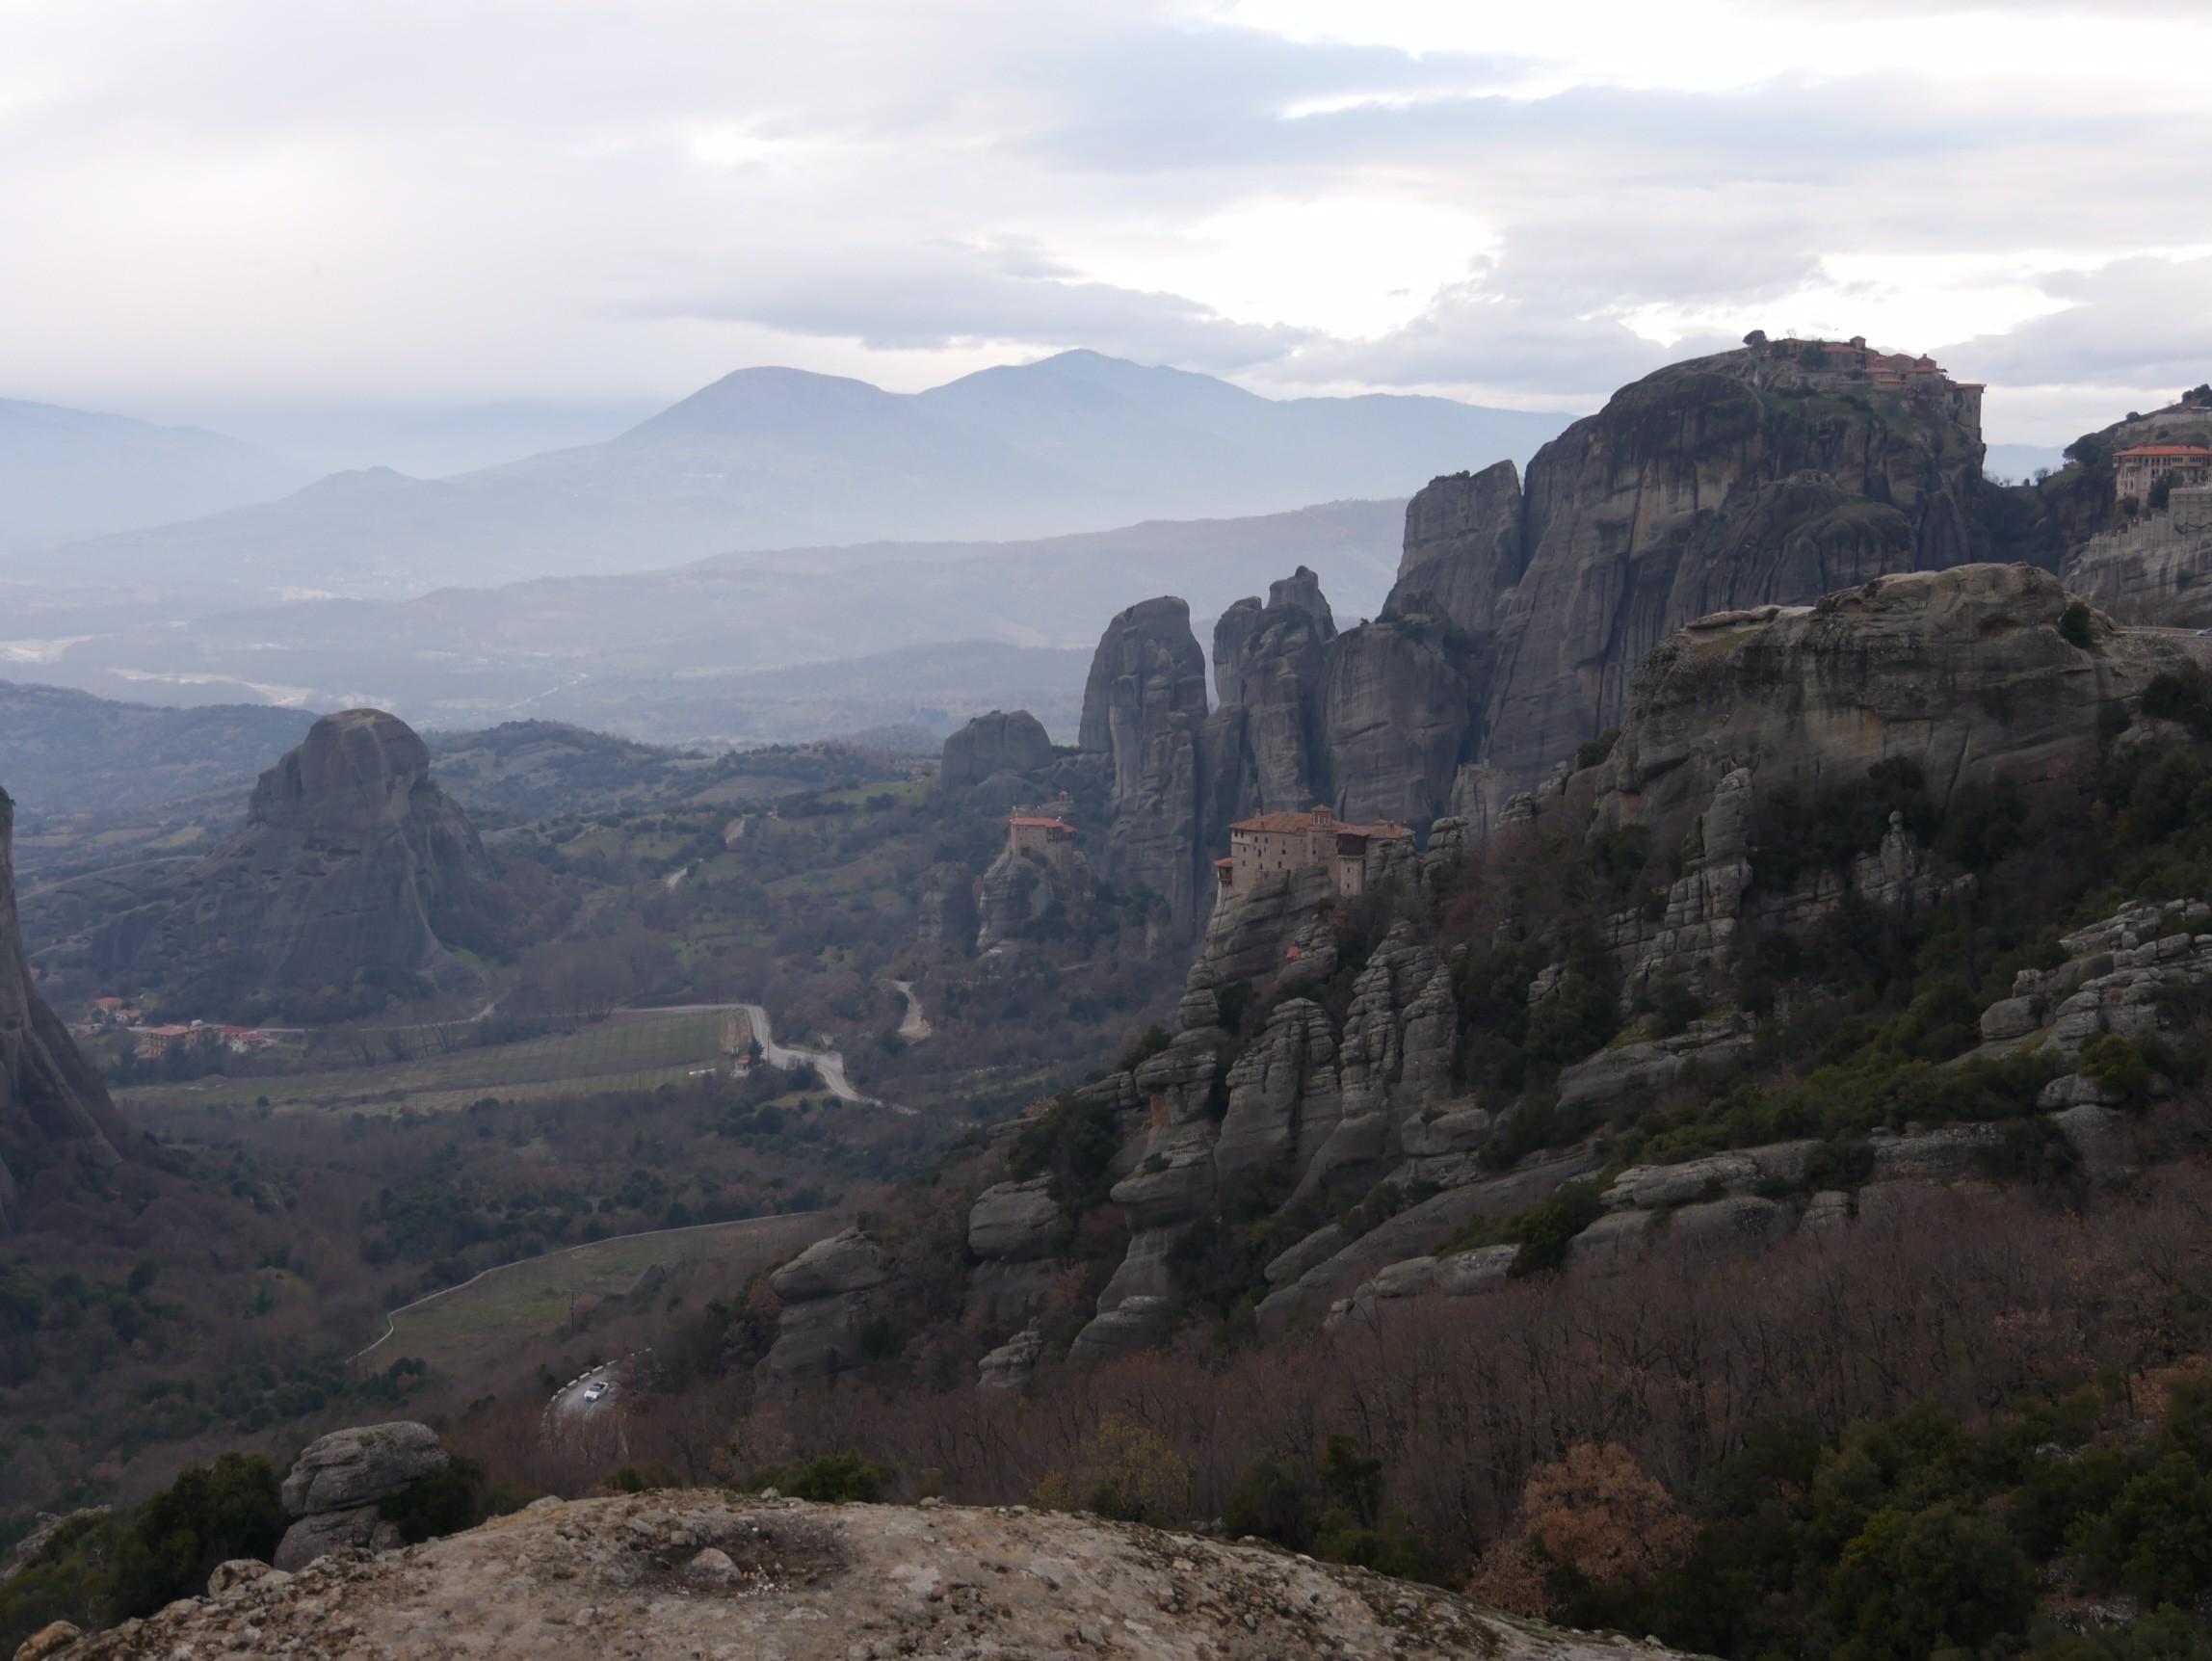 Het wereldwonder dat Meteora heet